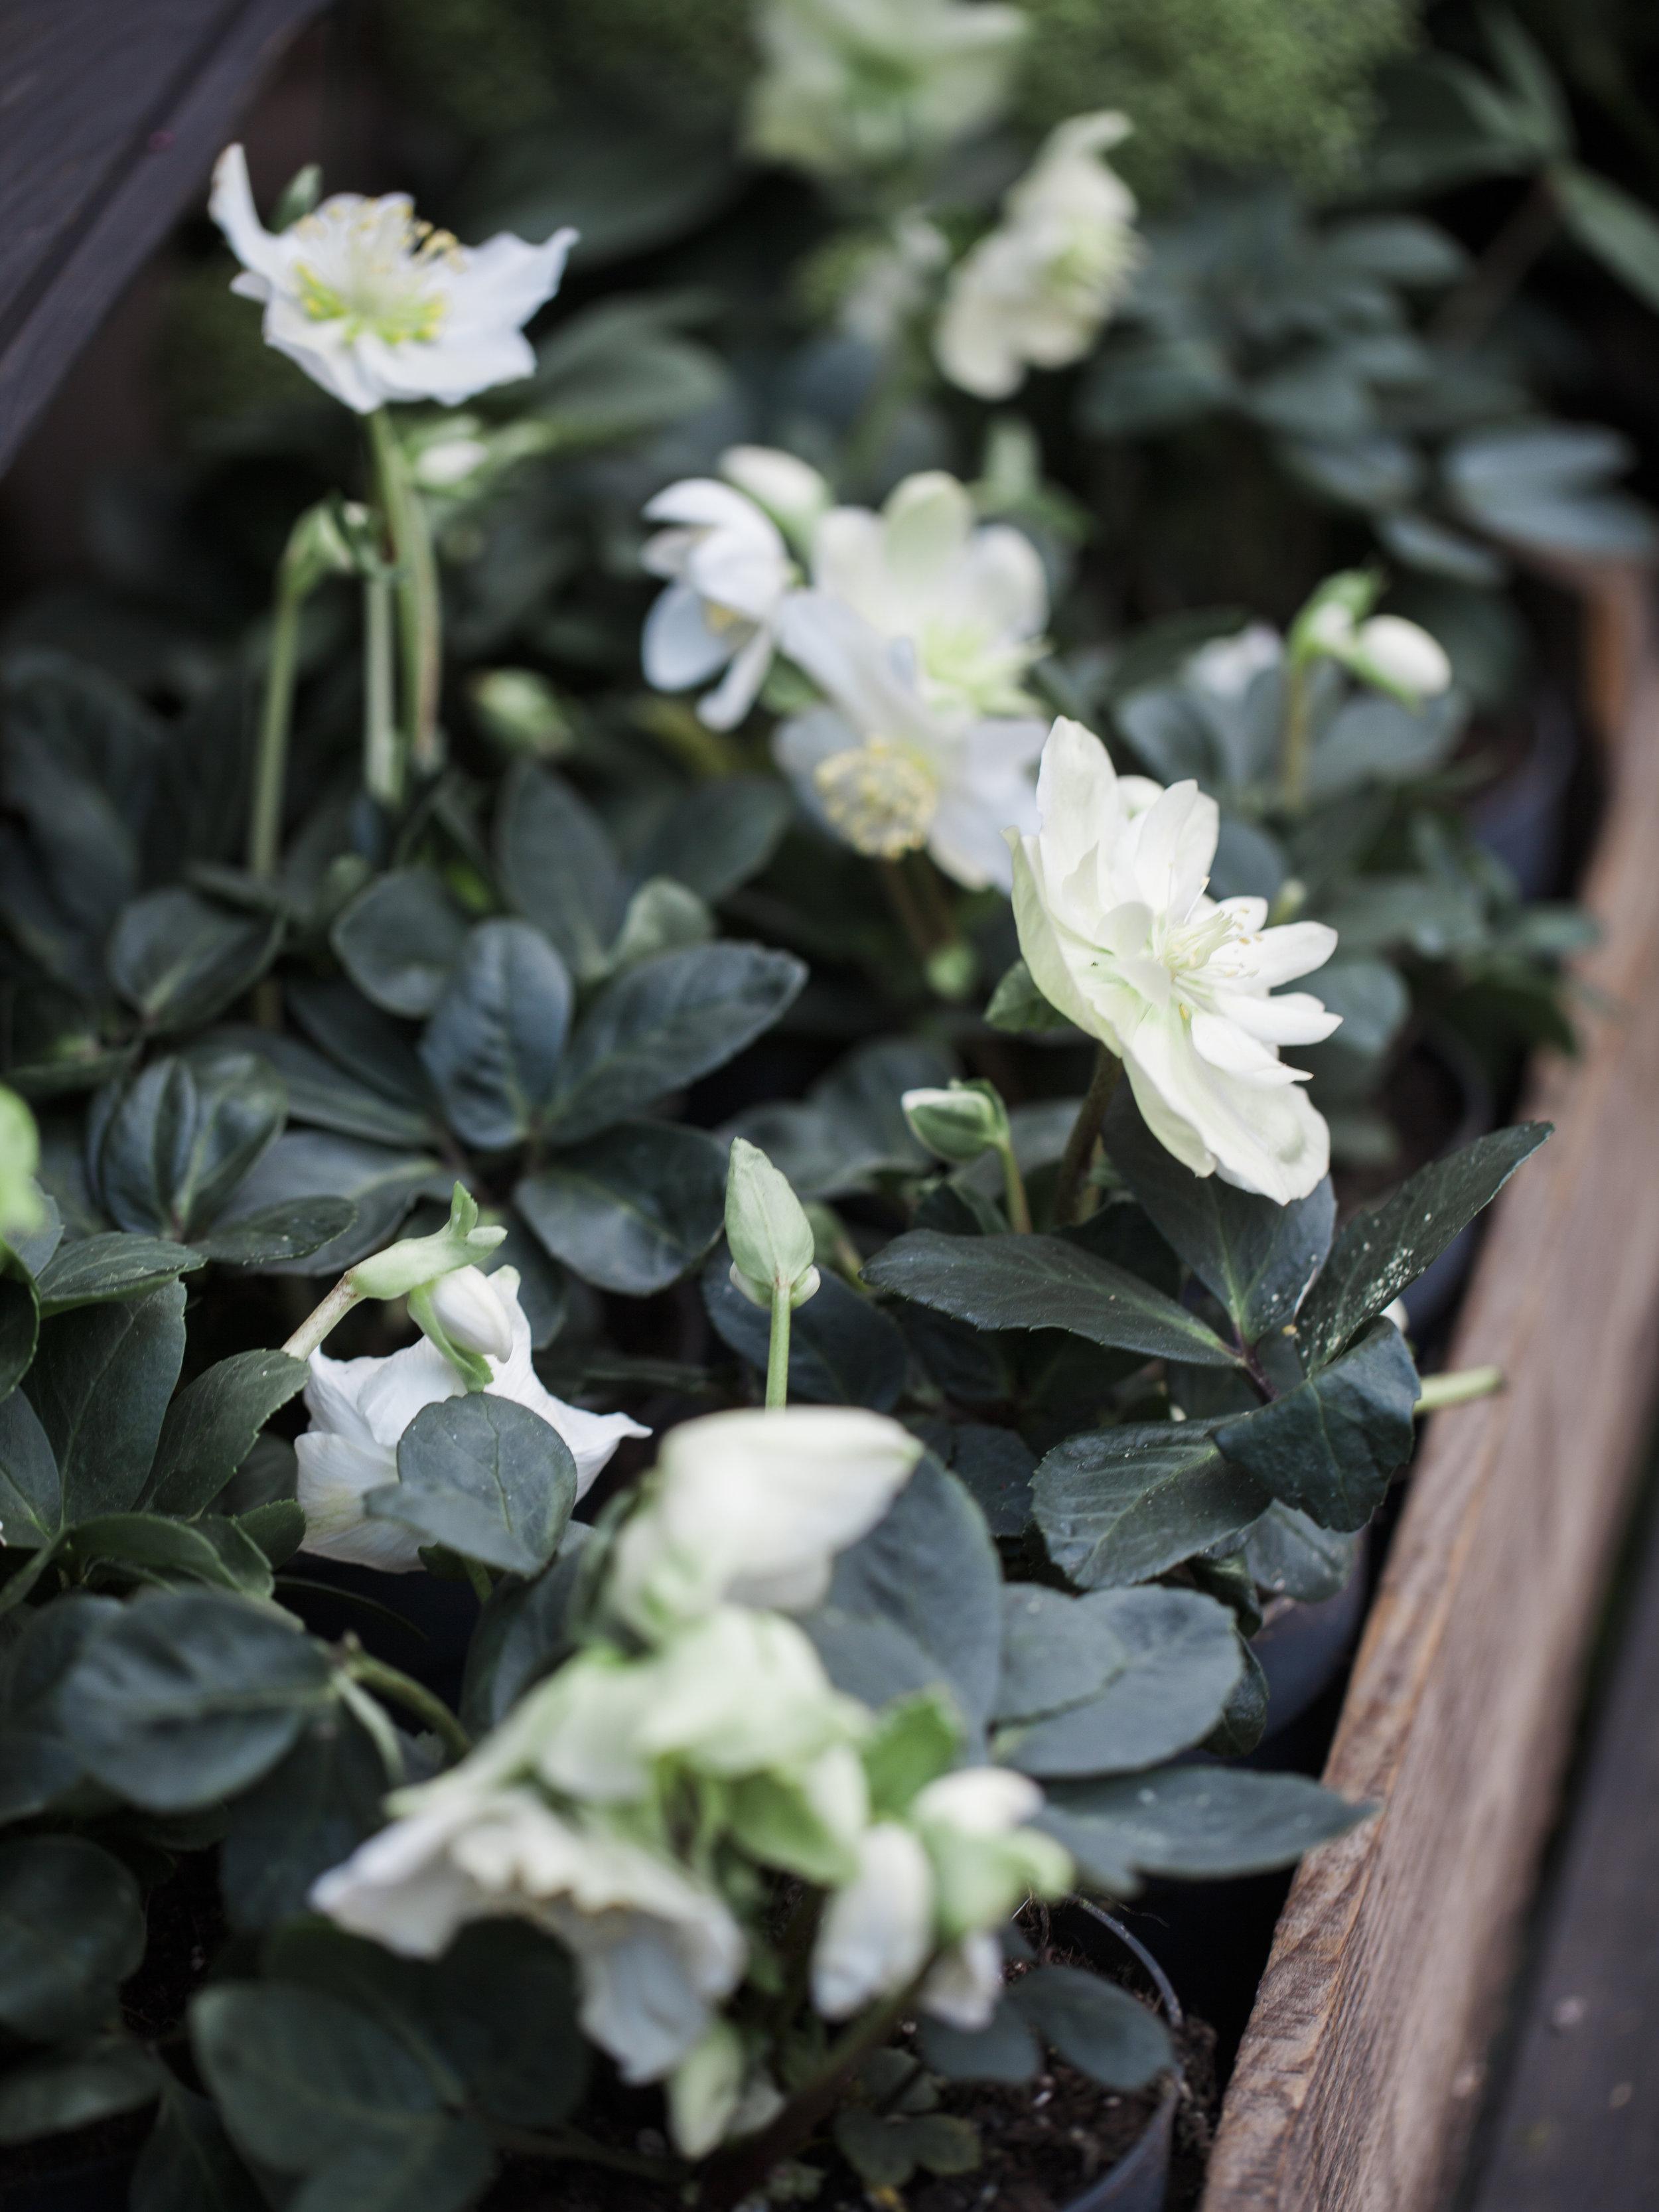 UTOMHUSVÄXTER   I vår uteavdelning har vi växter för trädgården efter säsong. Vi erbjuder ett utvalt sortiment för vackra krukor och rabatter.